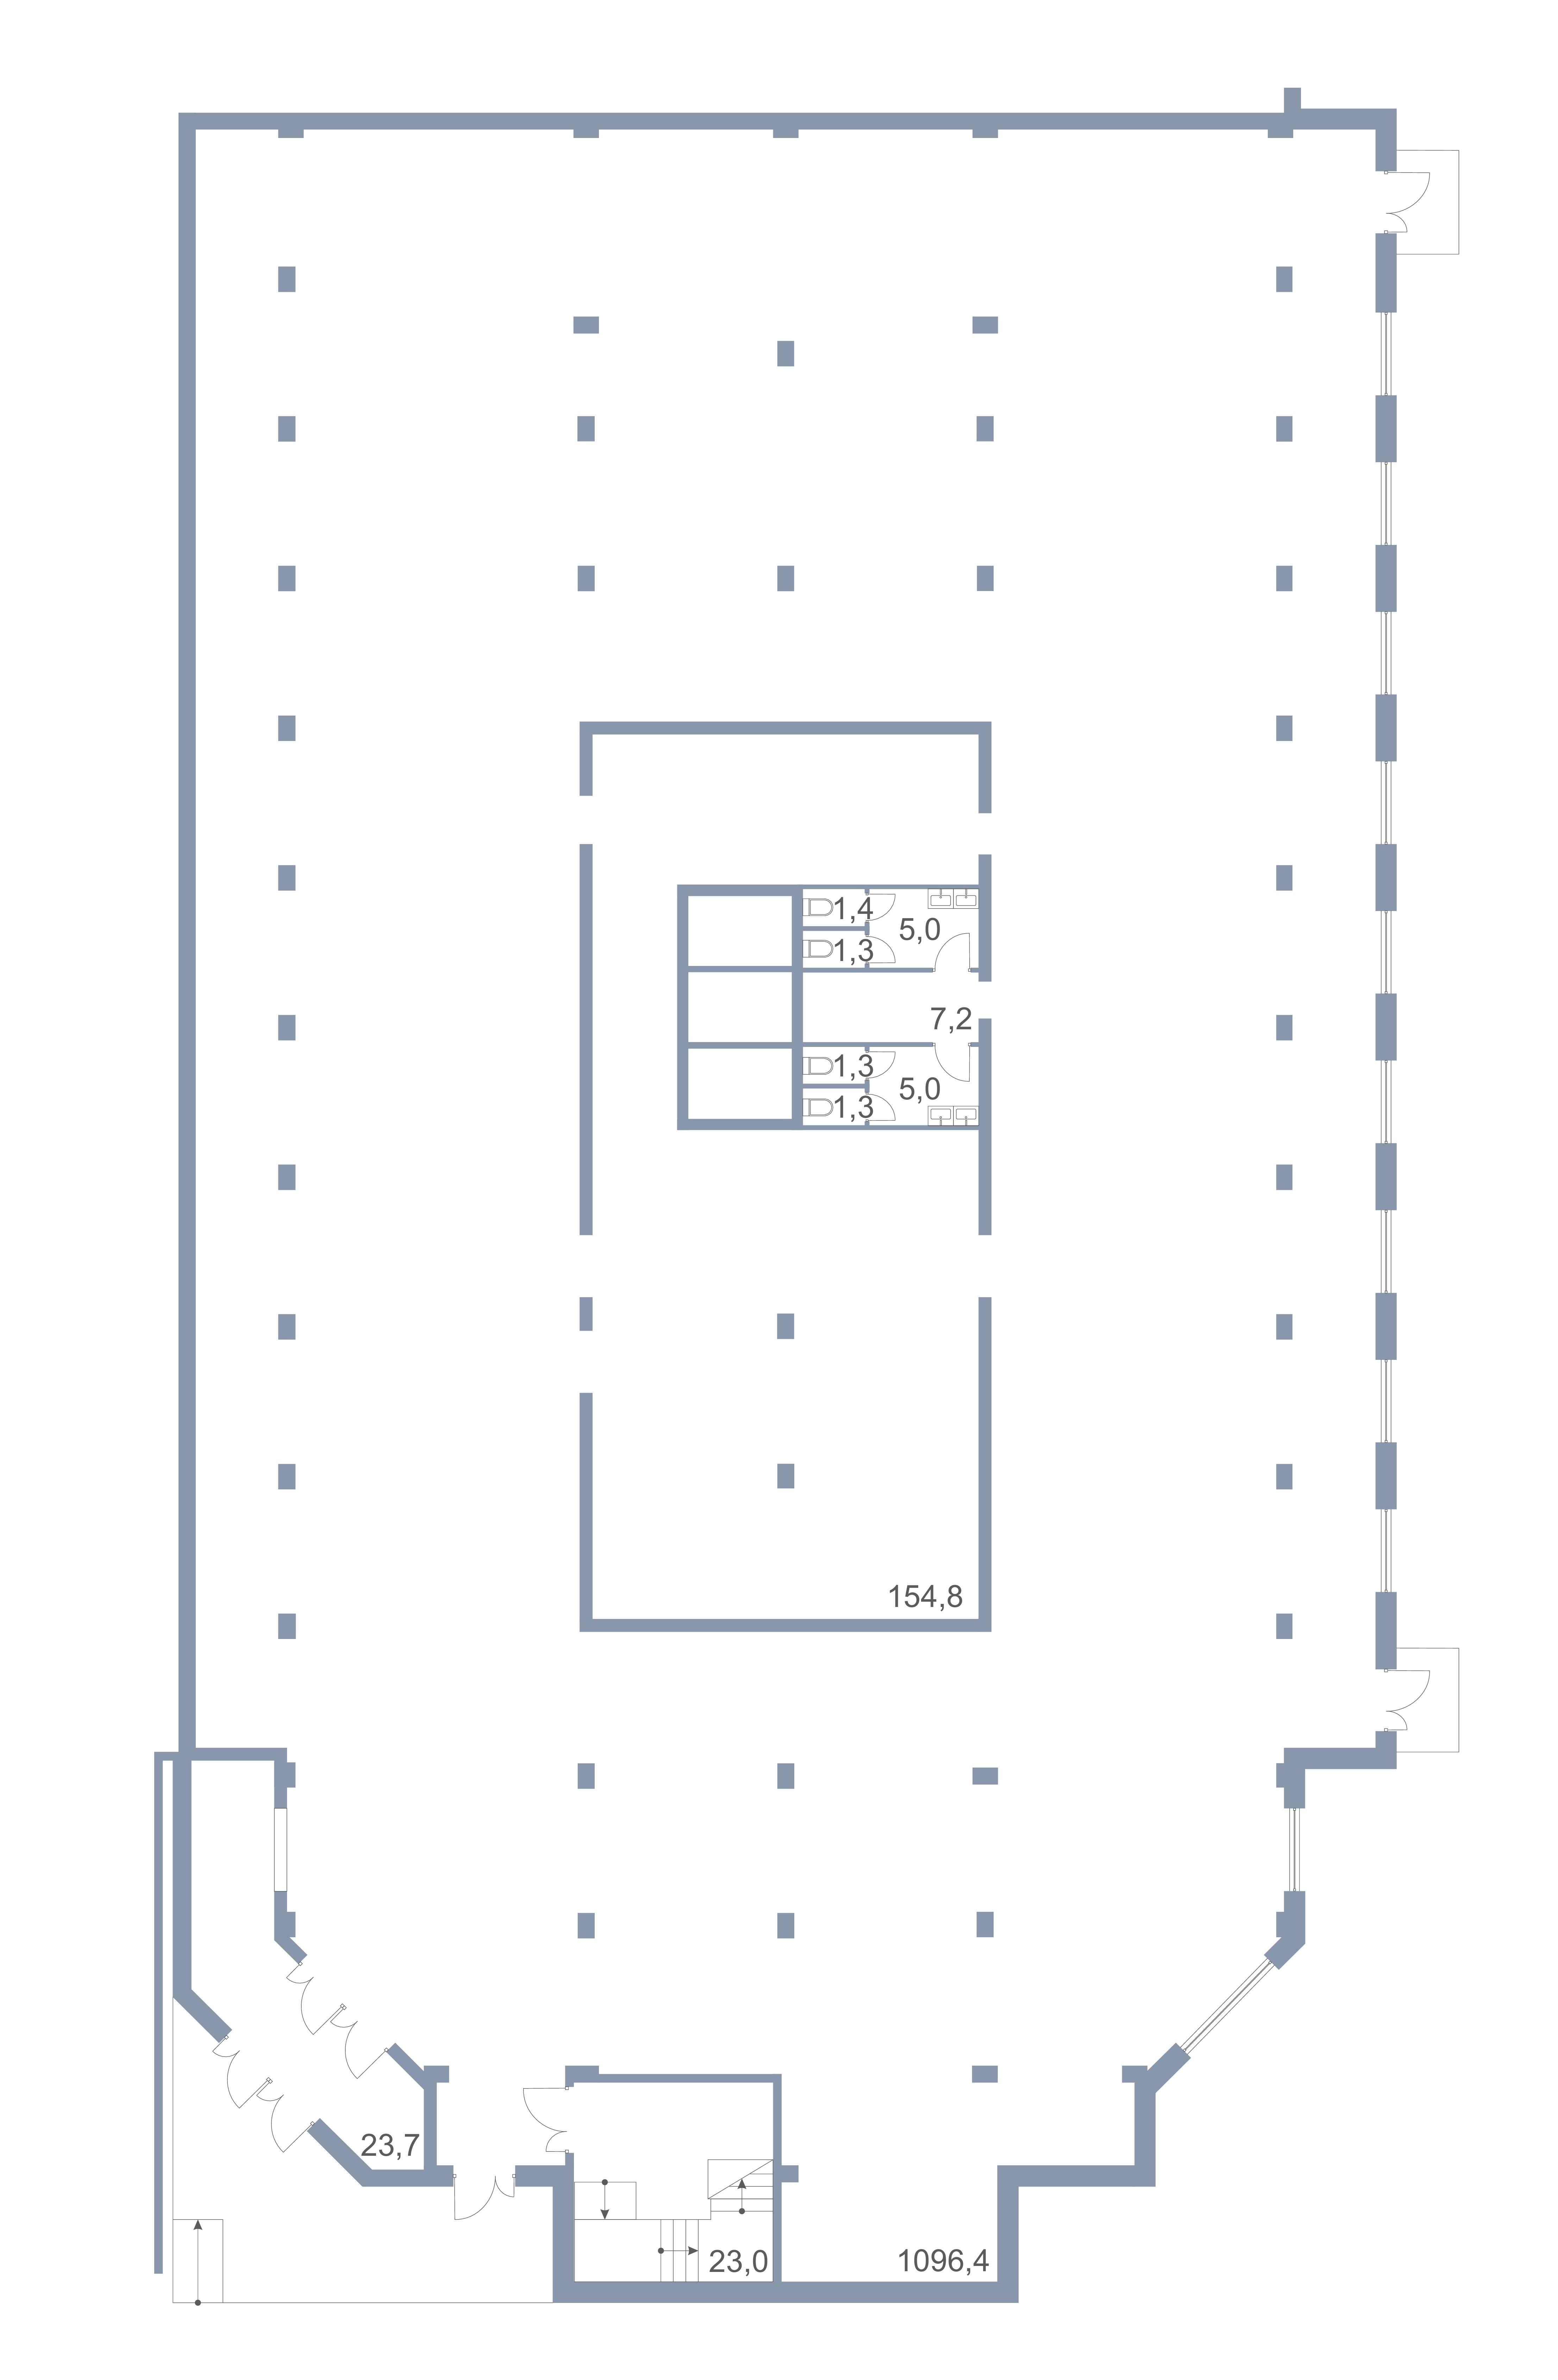 Коммерция Первый Зеленоградский Сургутский проезд 1 корп.1 этаж -1